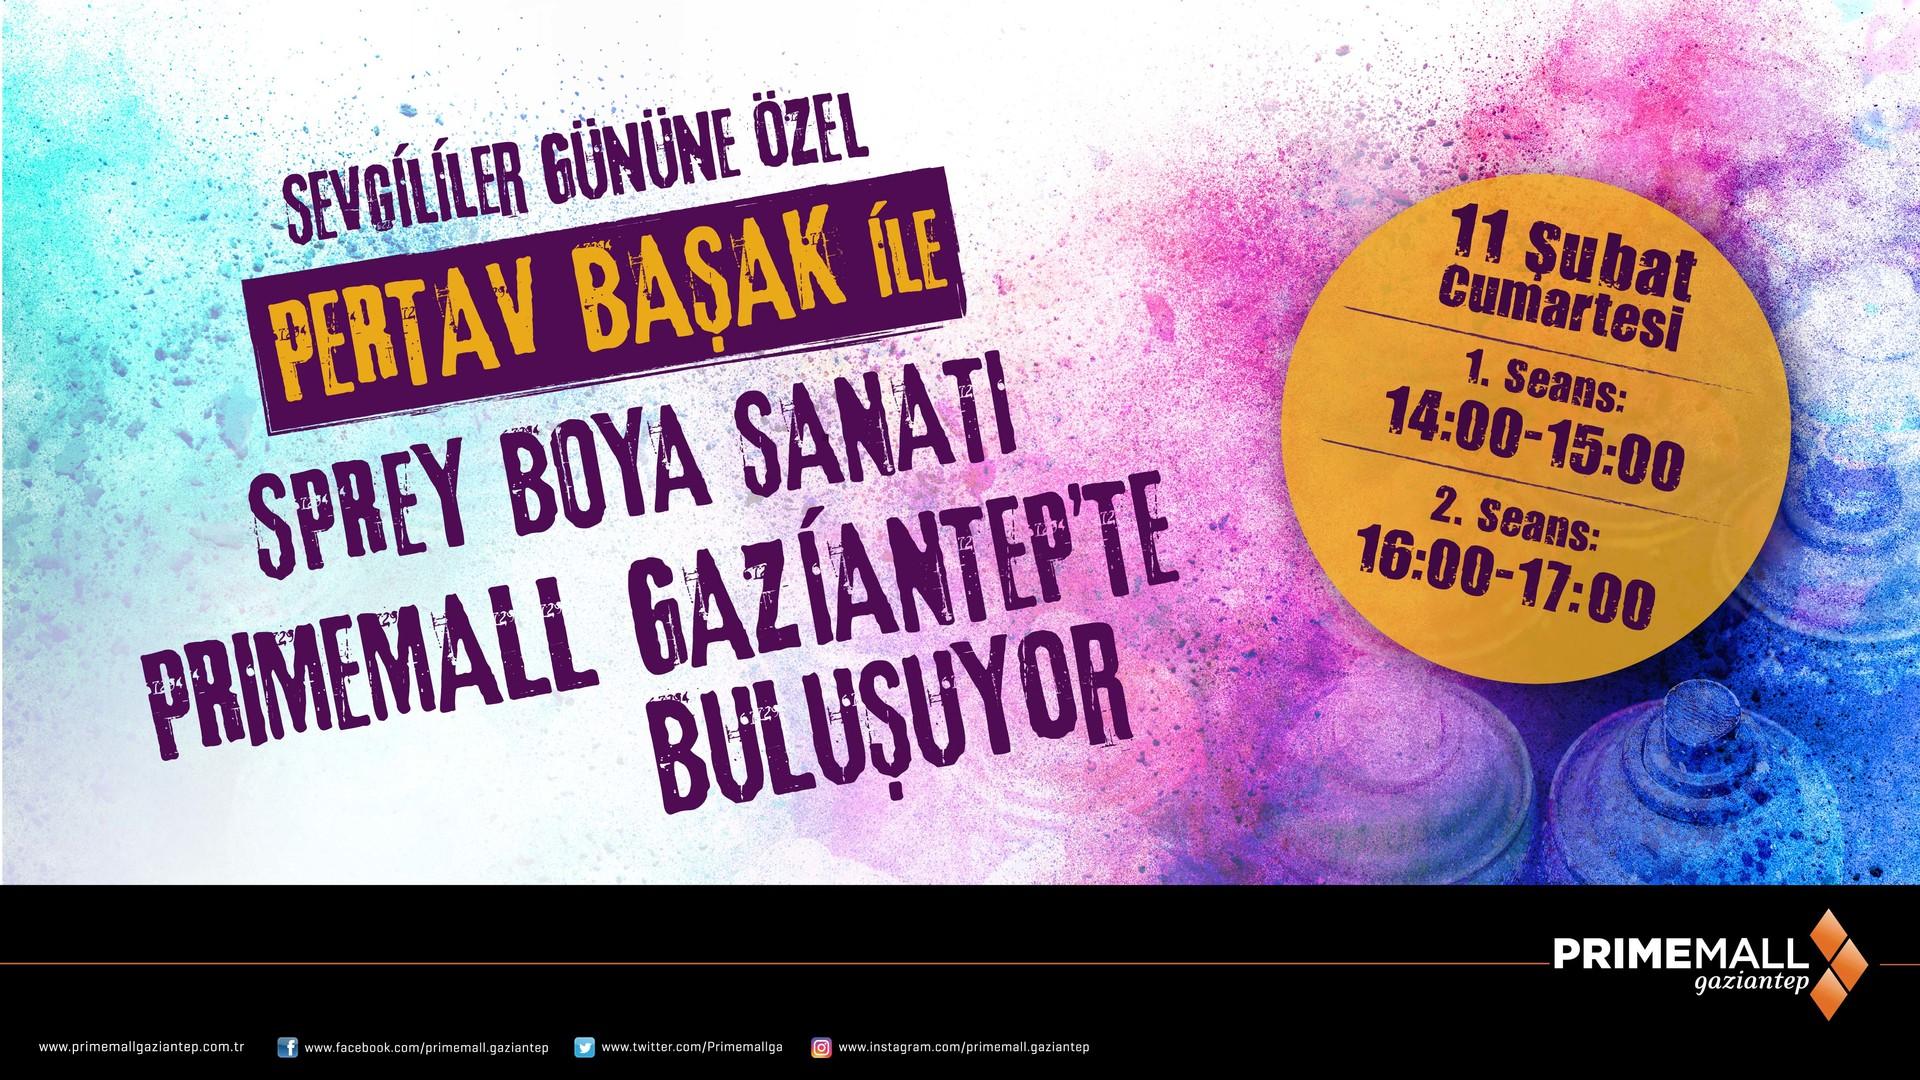 Sevgililer Gününe Özel Pertav Başak ile Sprey Boya Sanatı Primemall Gaziantep'te Buluşuyor